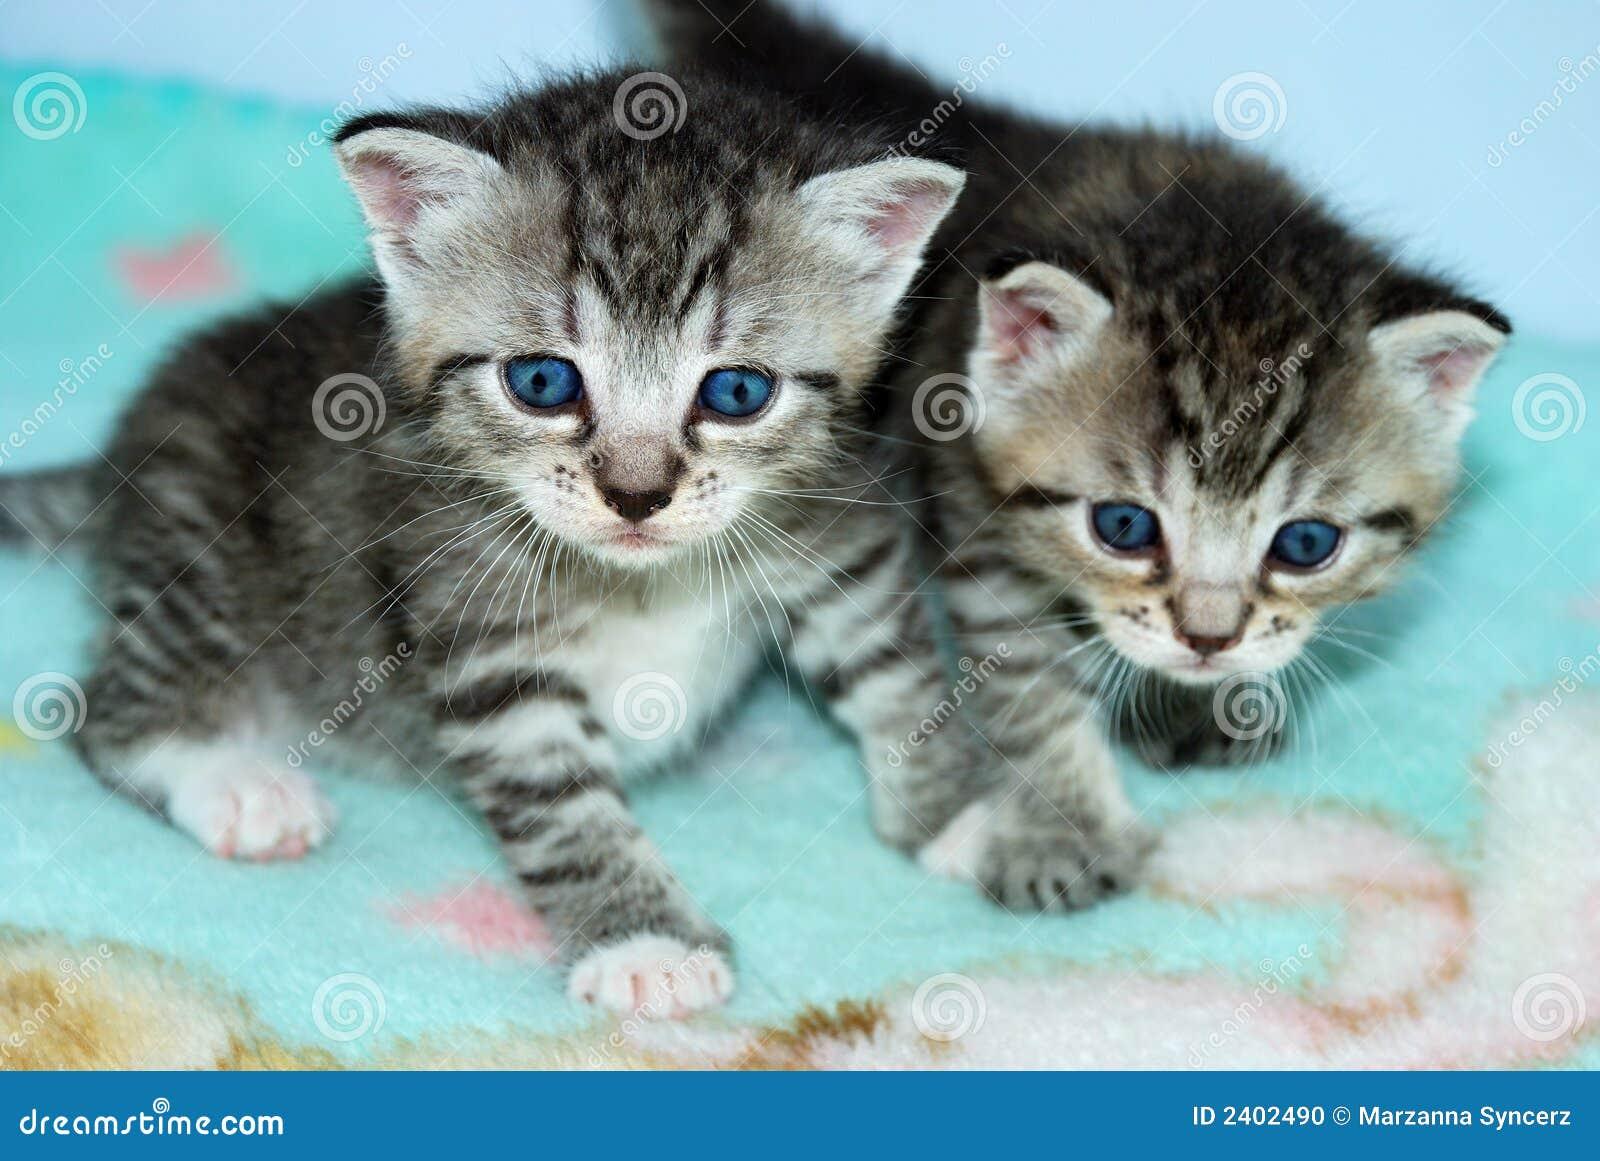 Super Due Gattini Molto Piccoli Del Tabby Fotografia Stock - Immagine  VT45